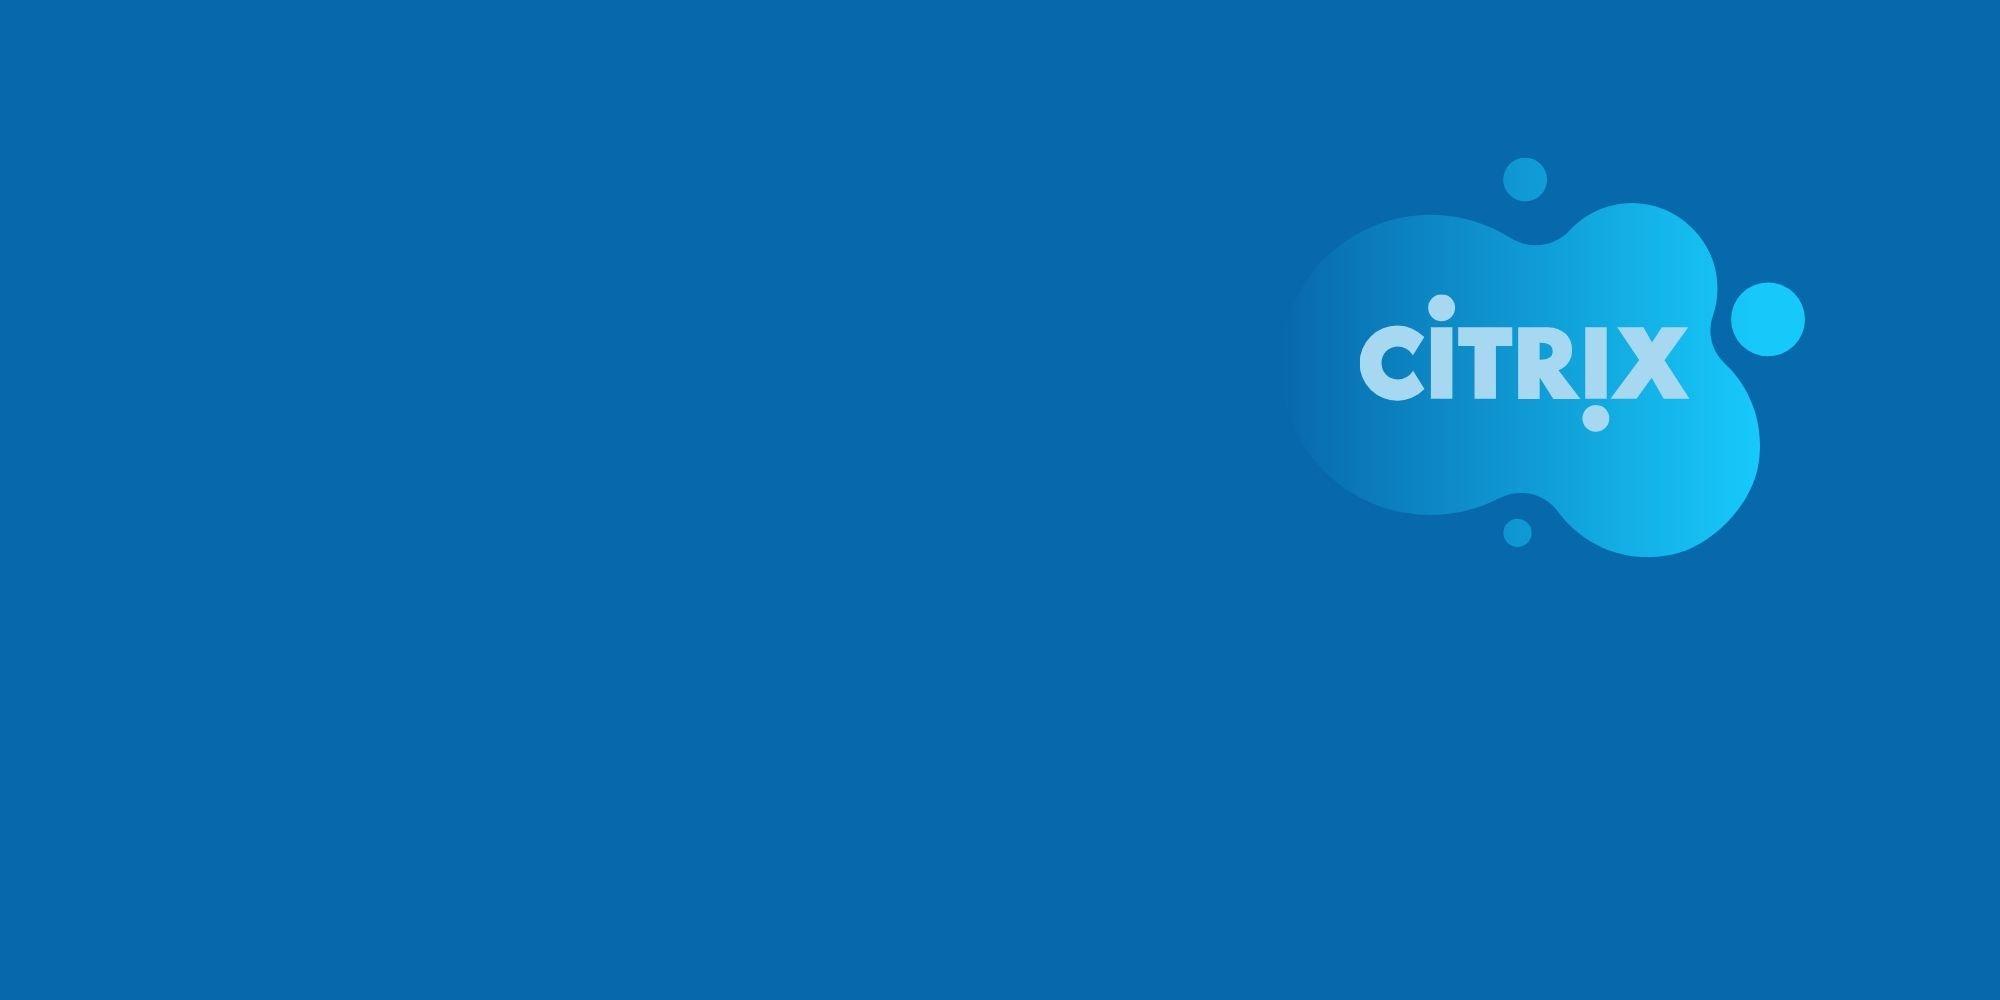 citrix-zendesktop-7.6-training